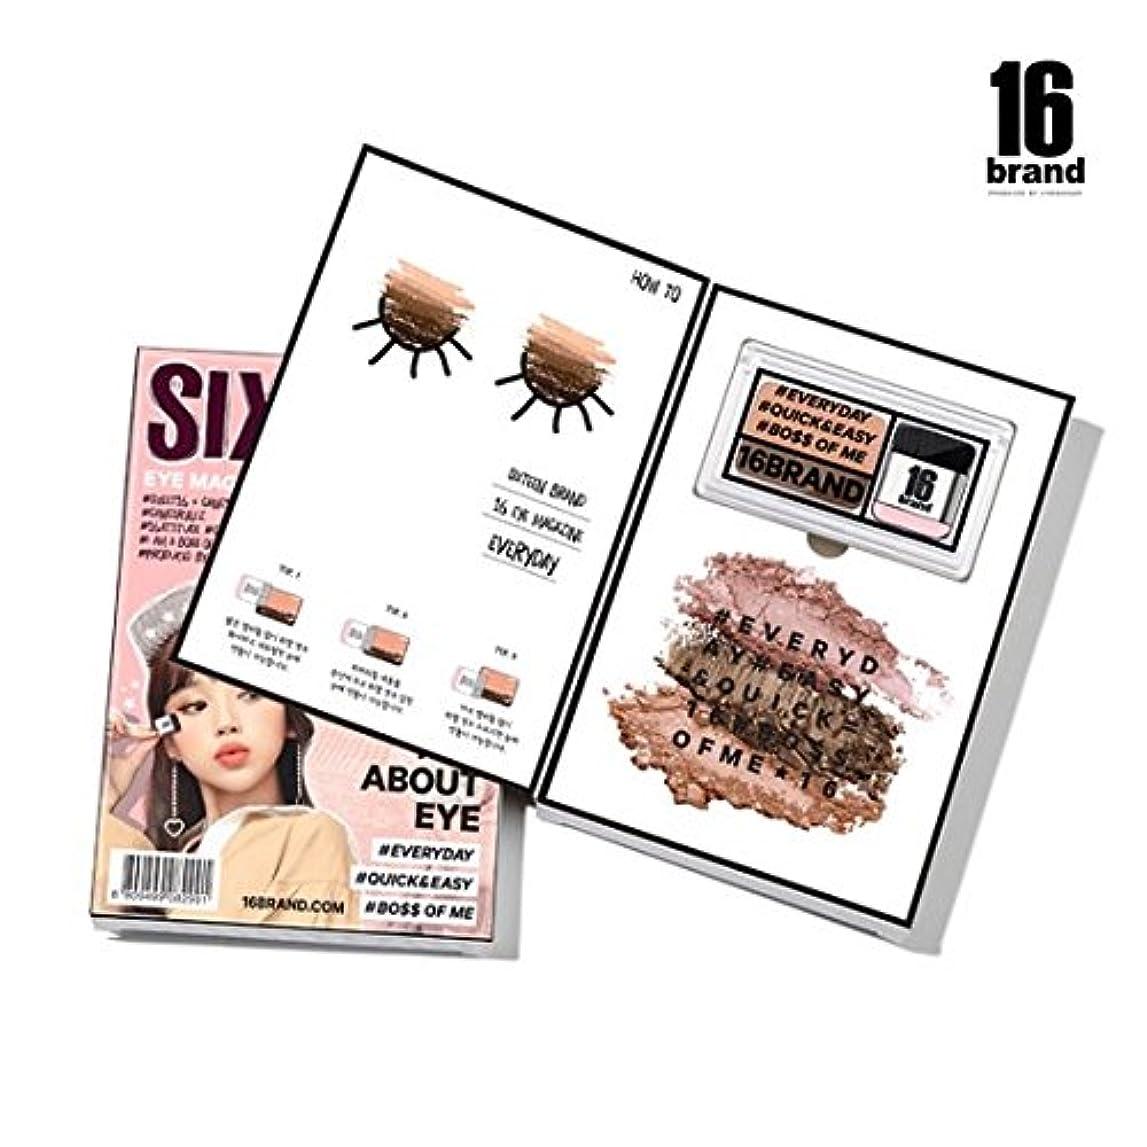 解明する回復サーバ16brand Sixteen Eye Magazine Everyday 2g/16ブランド シックスティーン アイ マガジン エブリデイ 2g [並行輸入品]